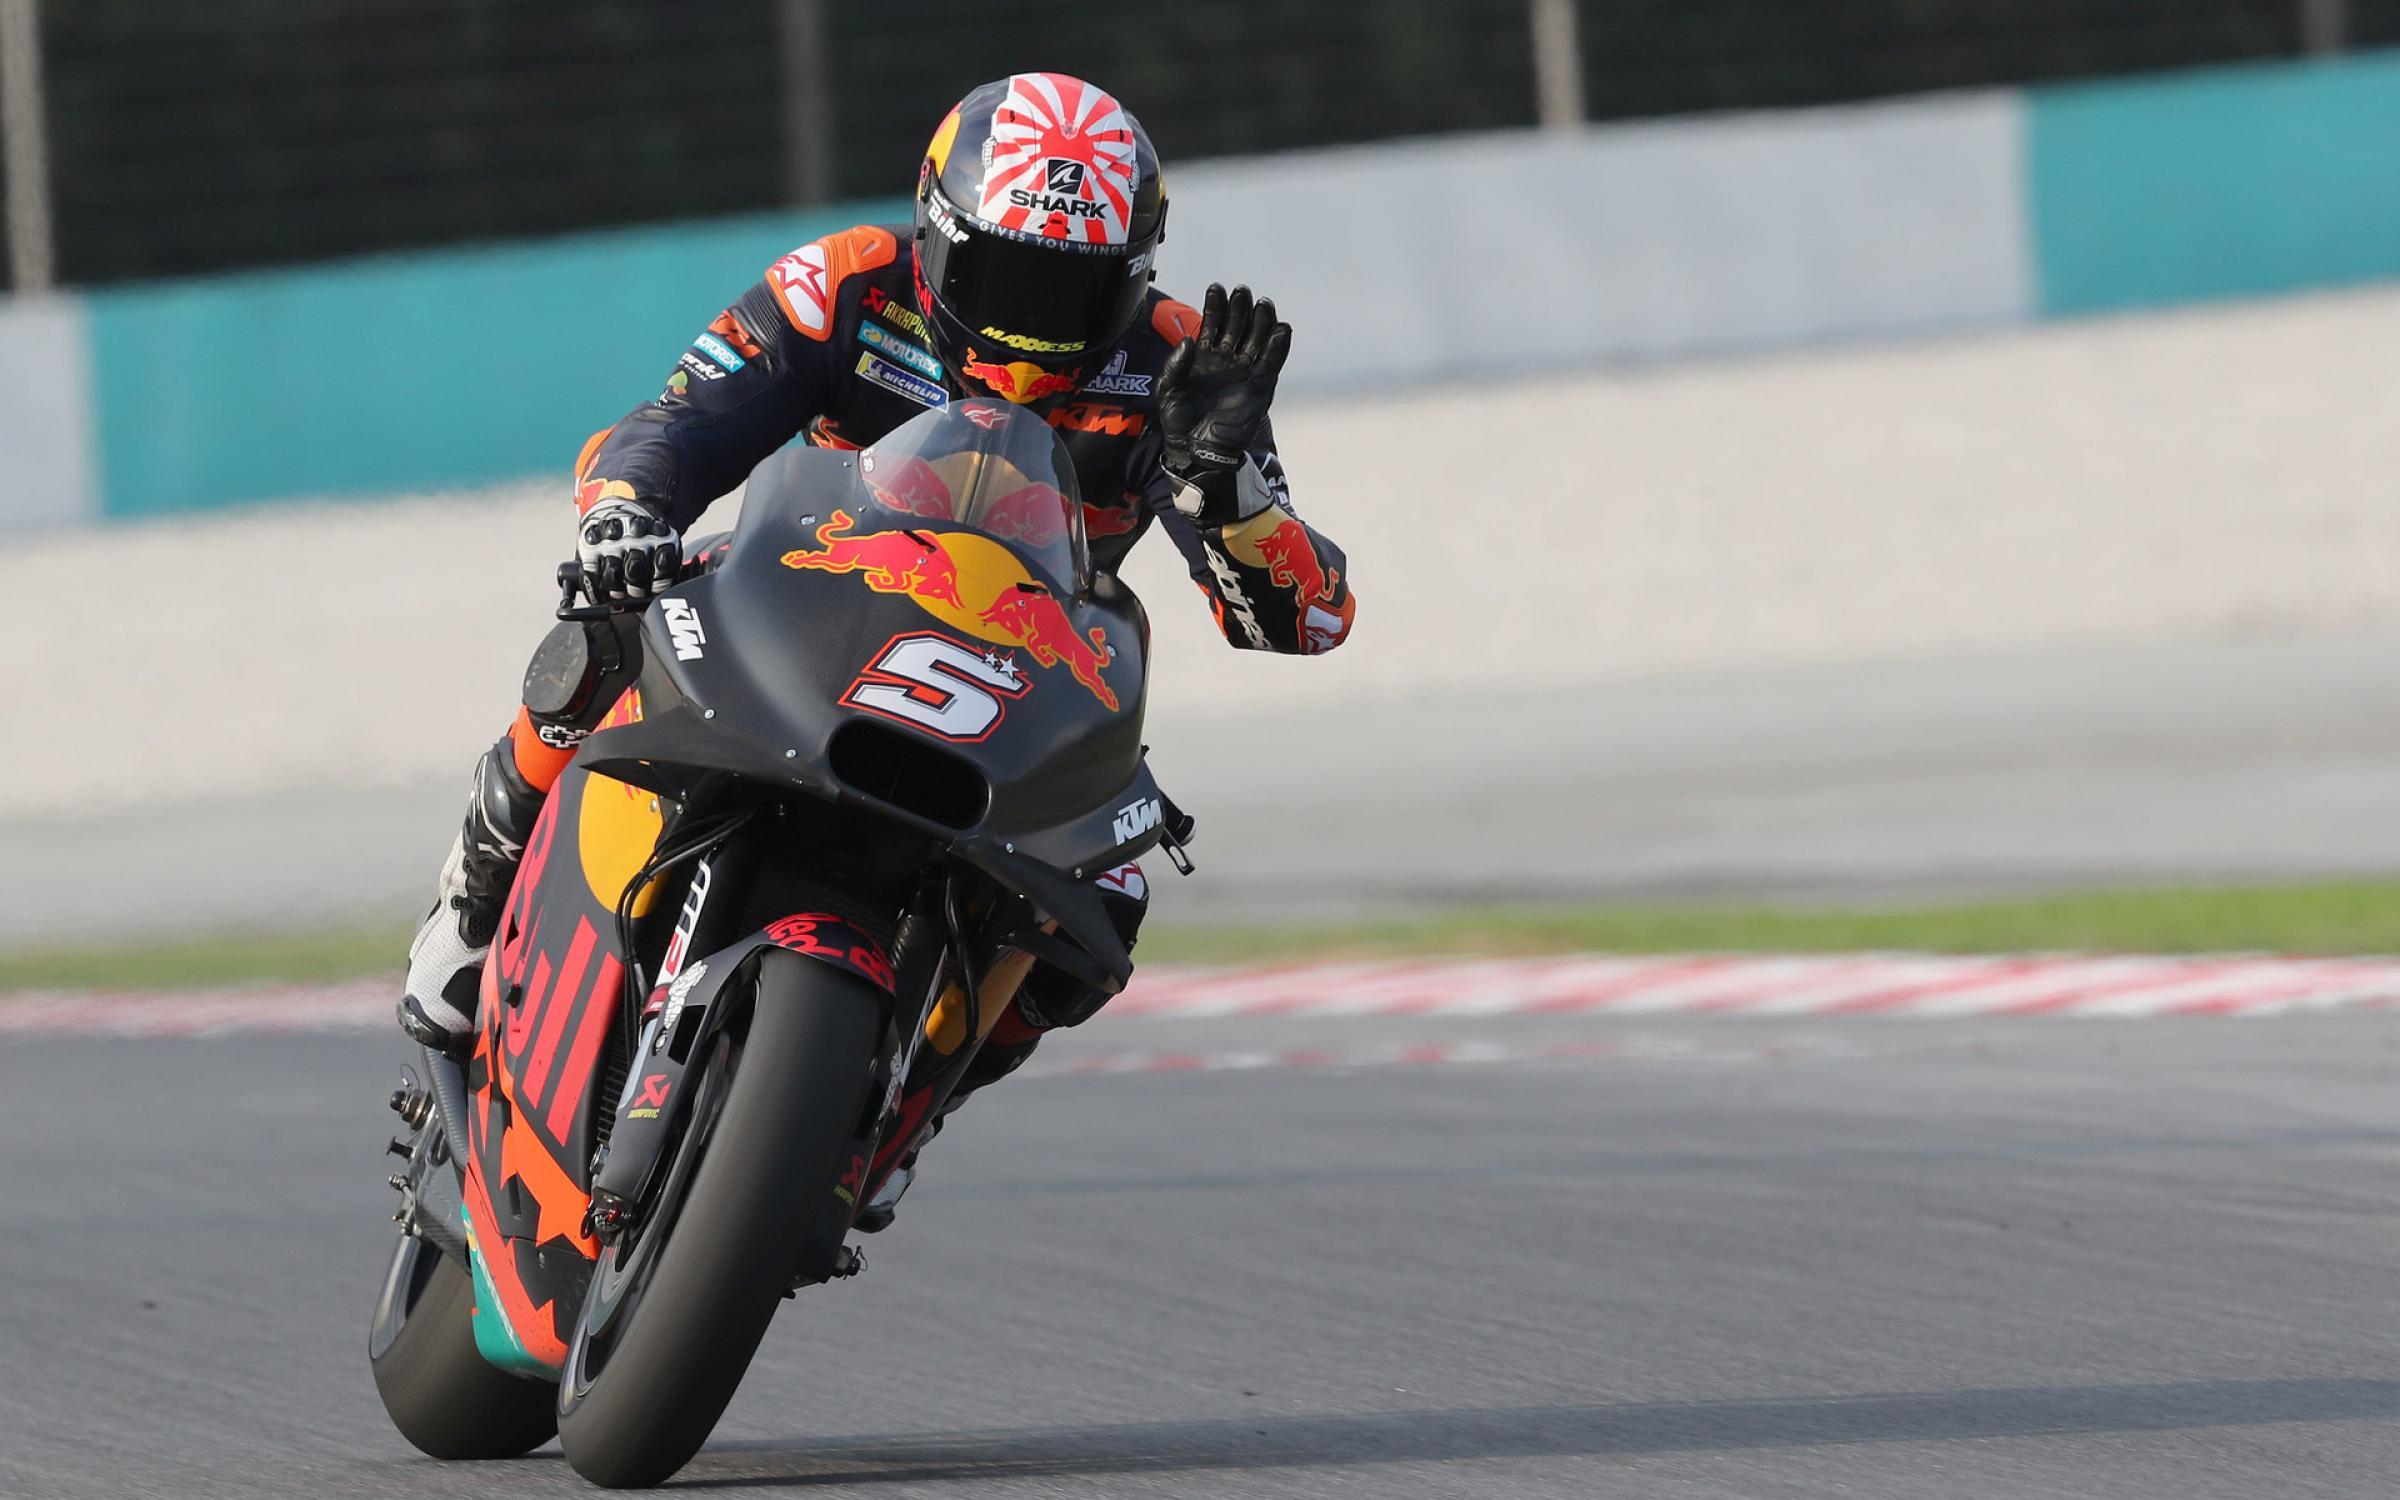 MOTO GP TESTS 2019 - Page 3 Johann-zarco-sepang-test-motogp-j2-2019